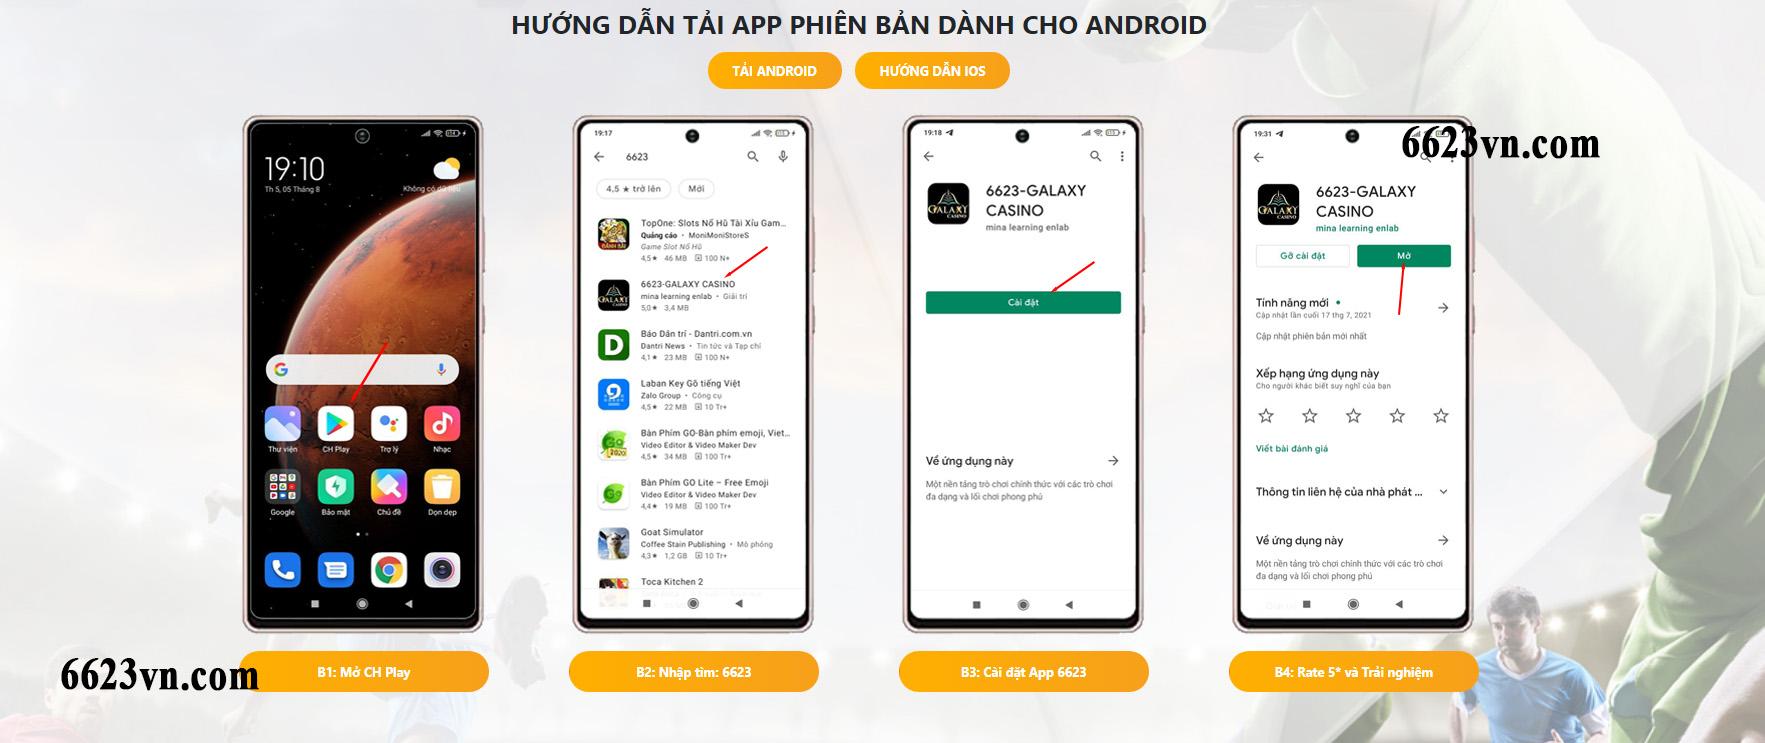 Tải App ứng dụng Galaxy 6623 về điện thoại đơn giản